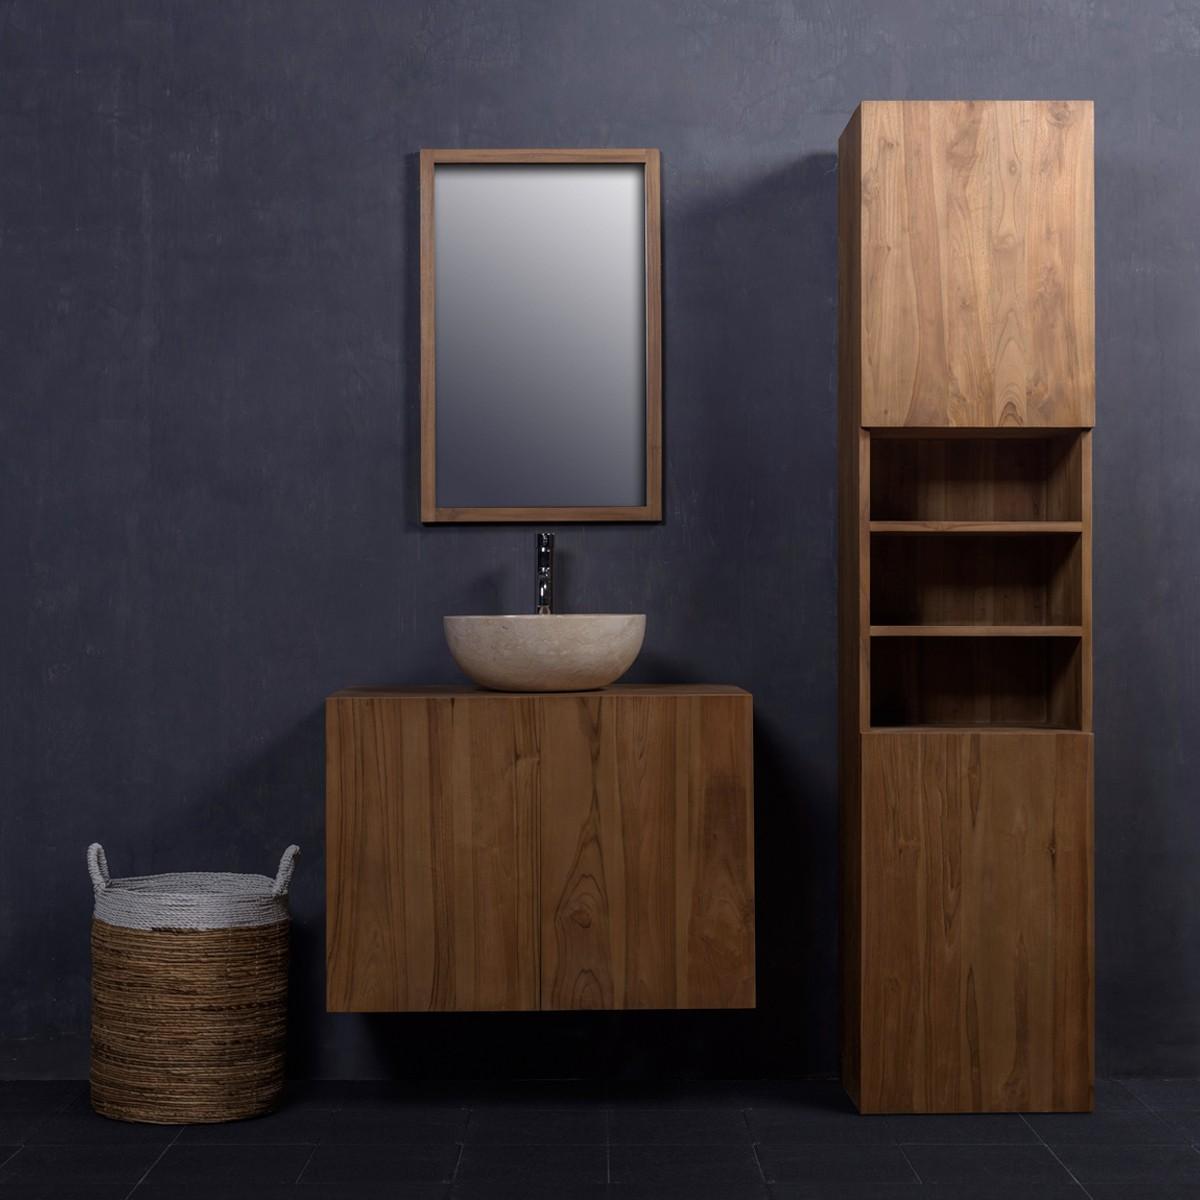 ensemble de salle de bain en bois de teck 80 meuble colonne vasque miroir Résultat Supérieur 15 Incroyable Ensemble Meuble Salle De Bain Image 2017 Hjr2